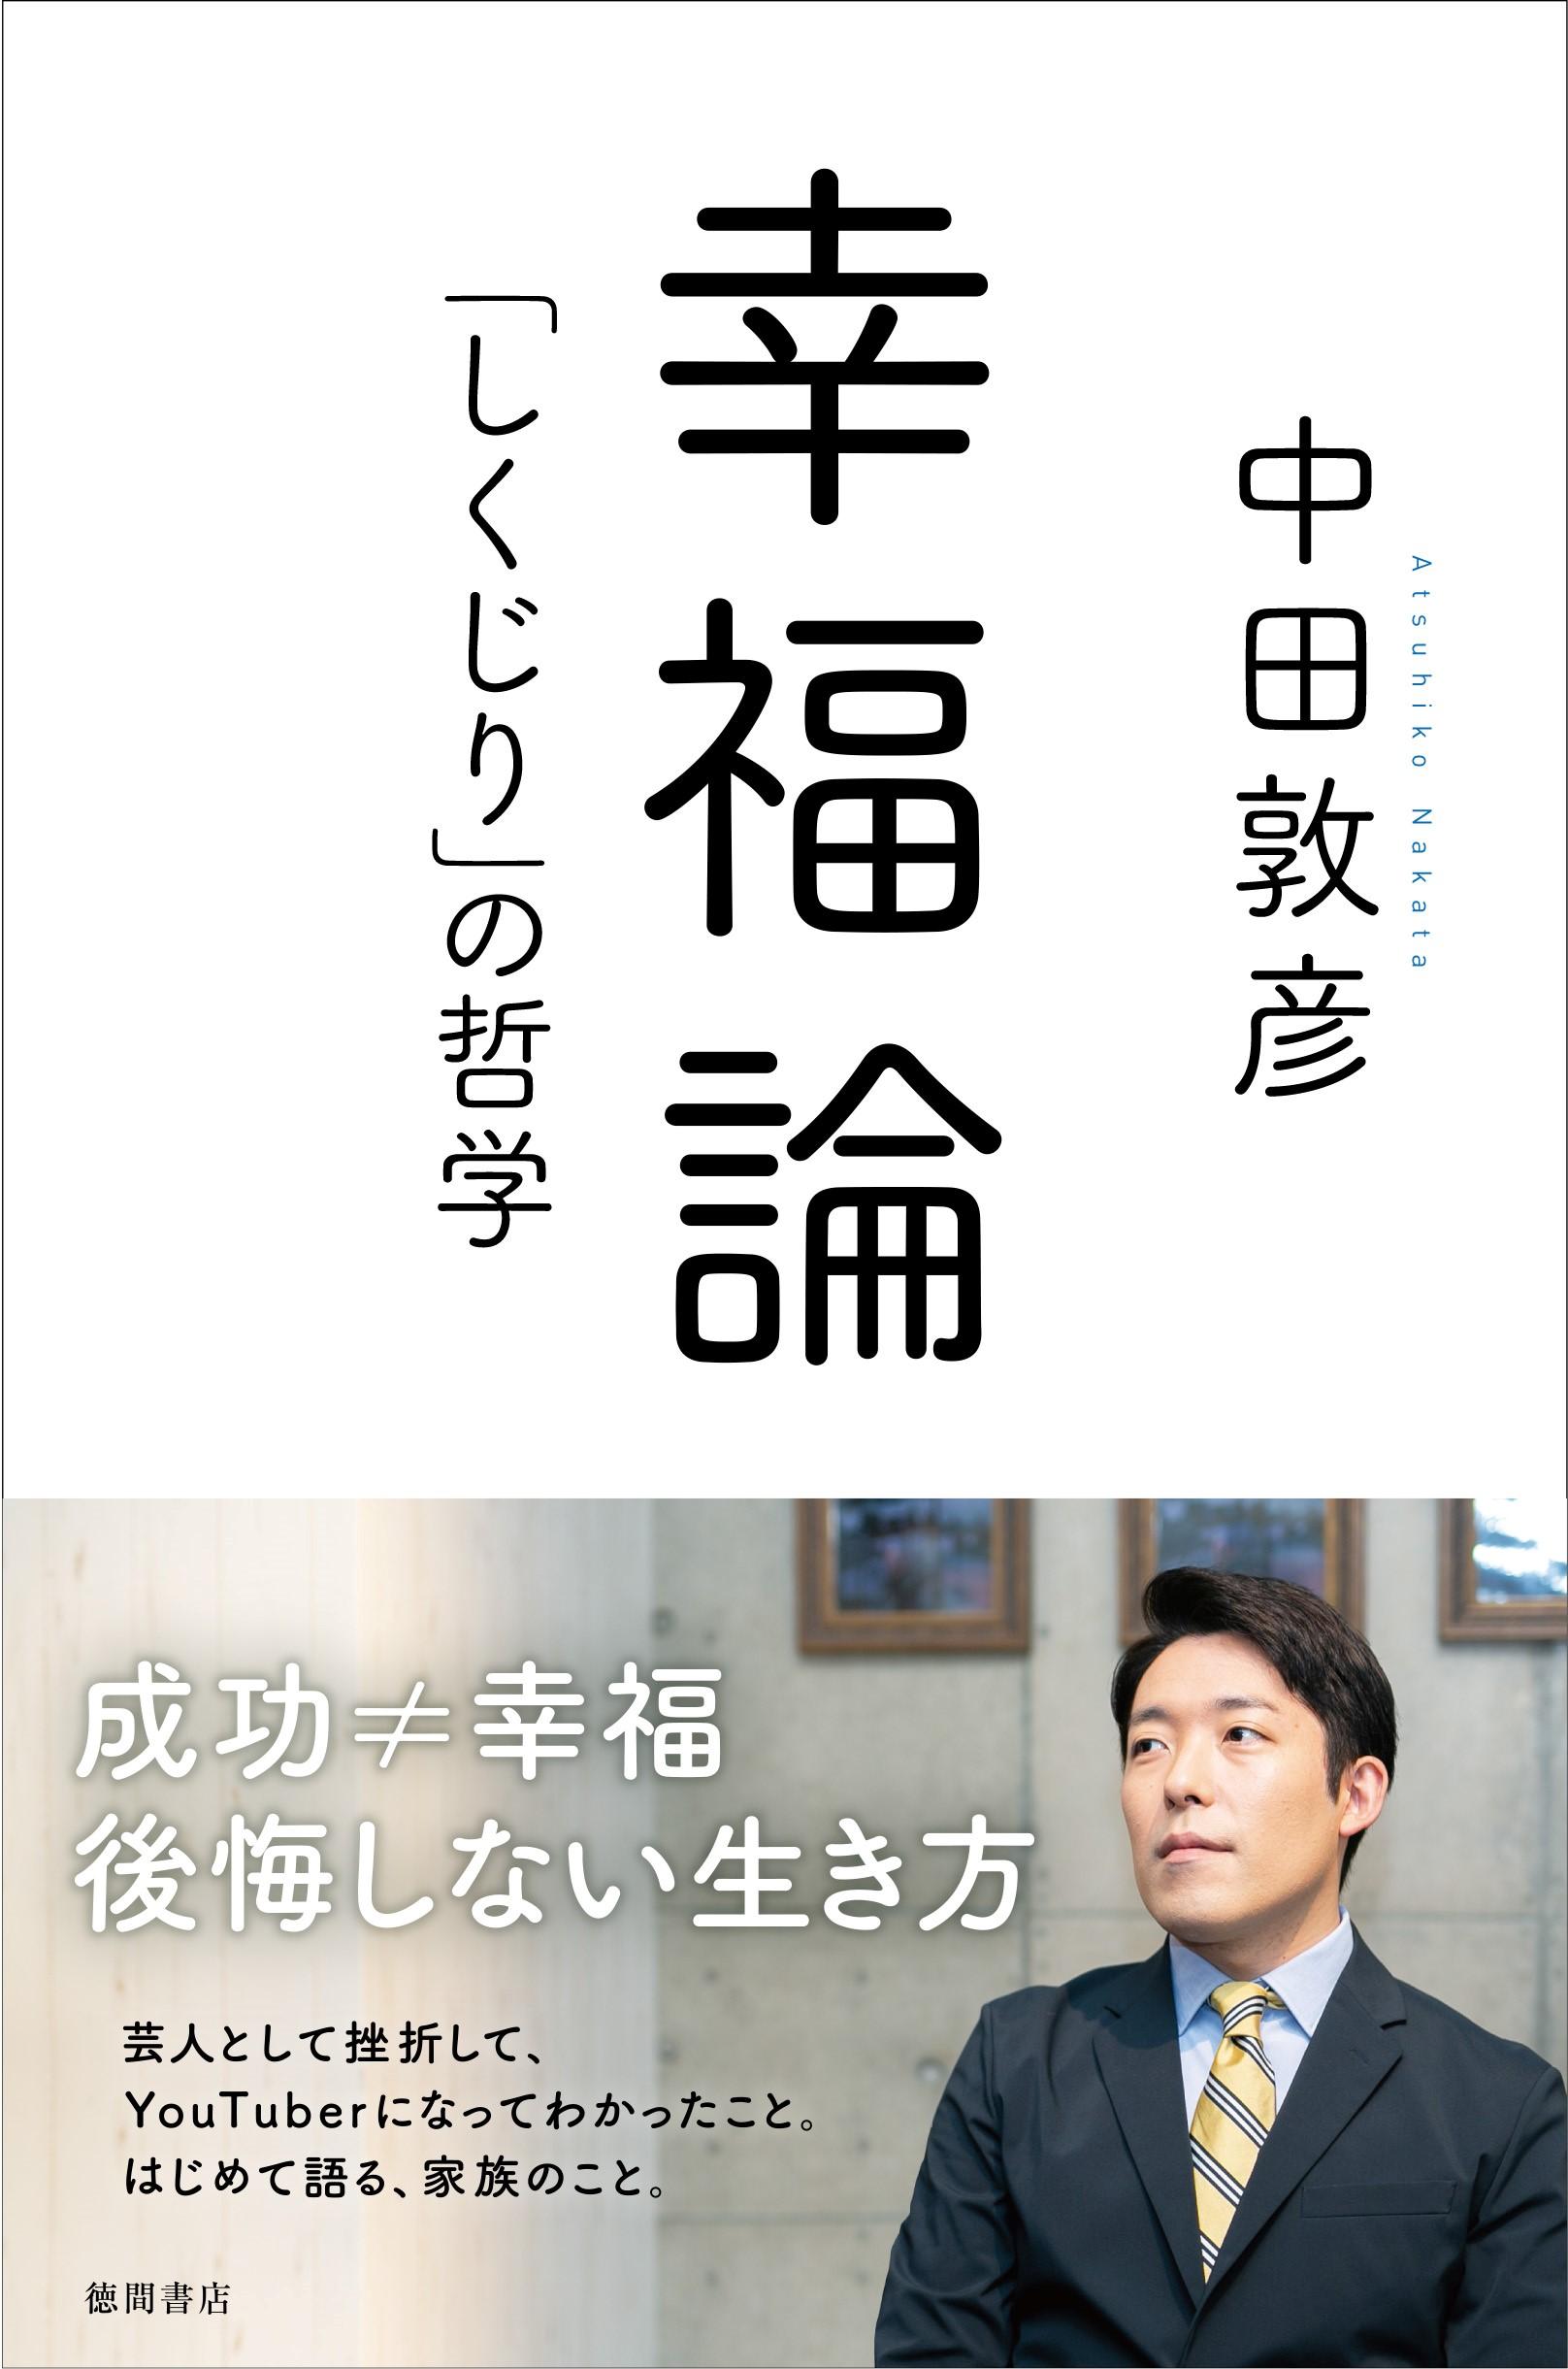 中田 大学 オリラジ